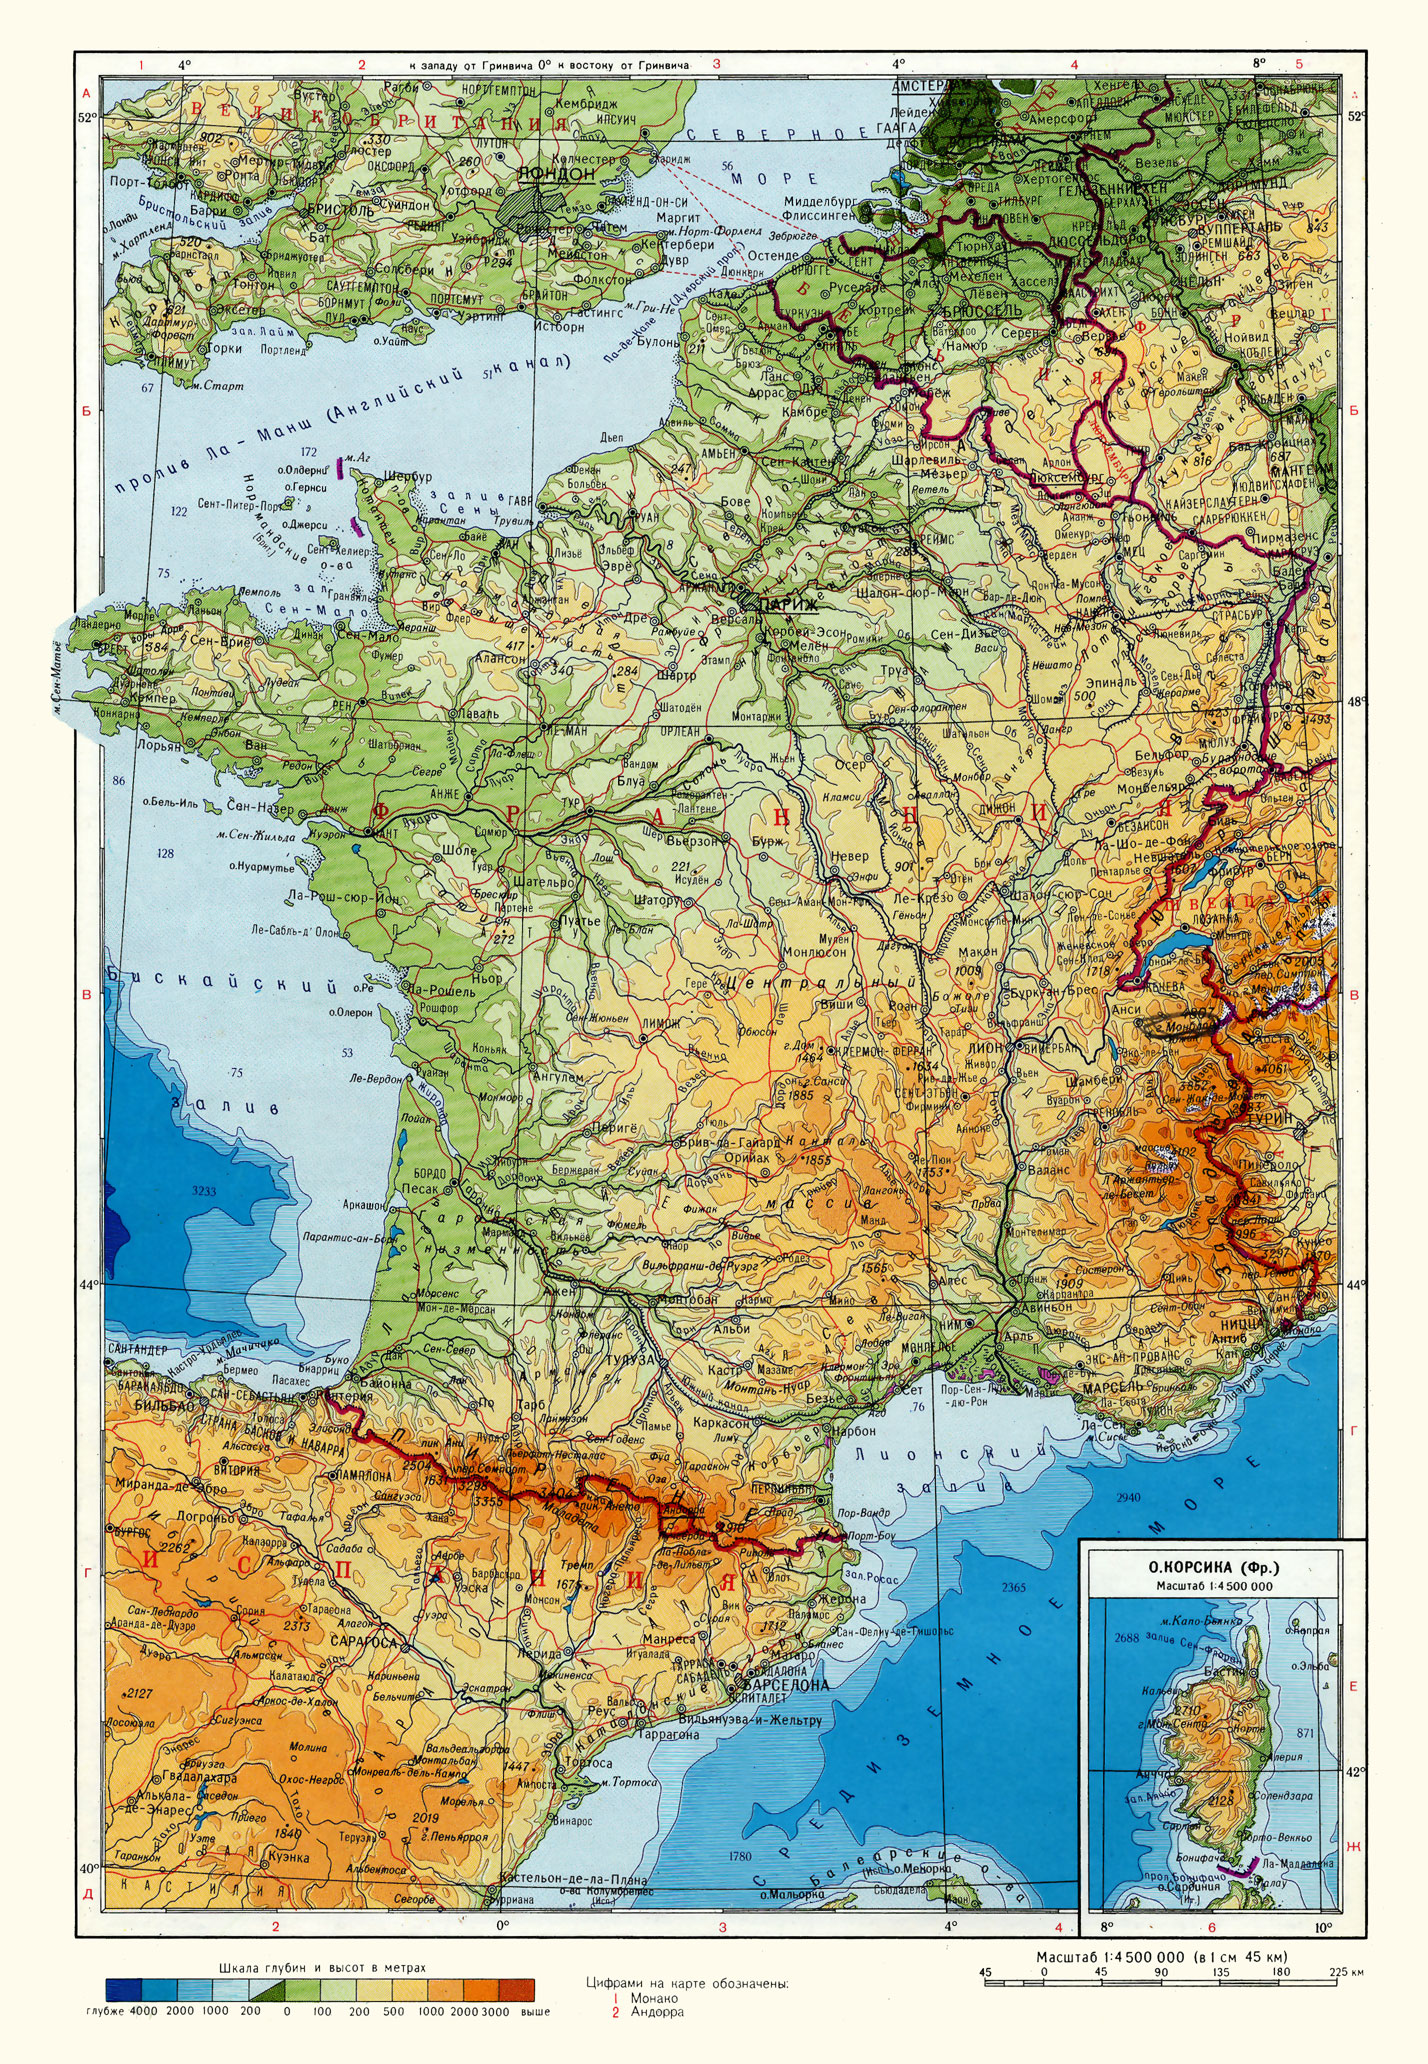 Podrobnaya Karta Francii Na Russkom Yazyke S Gorodami Politicheskaya